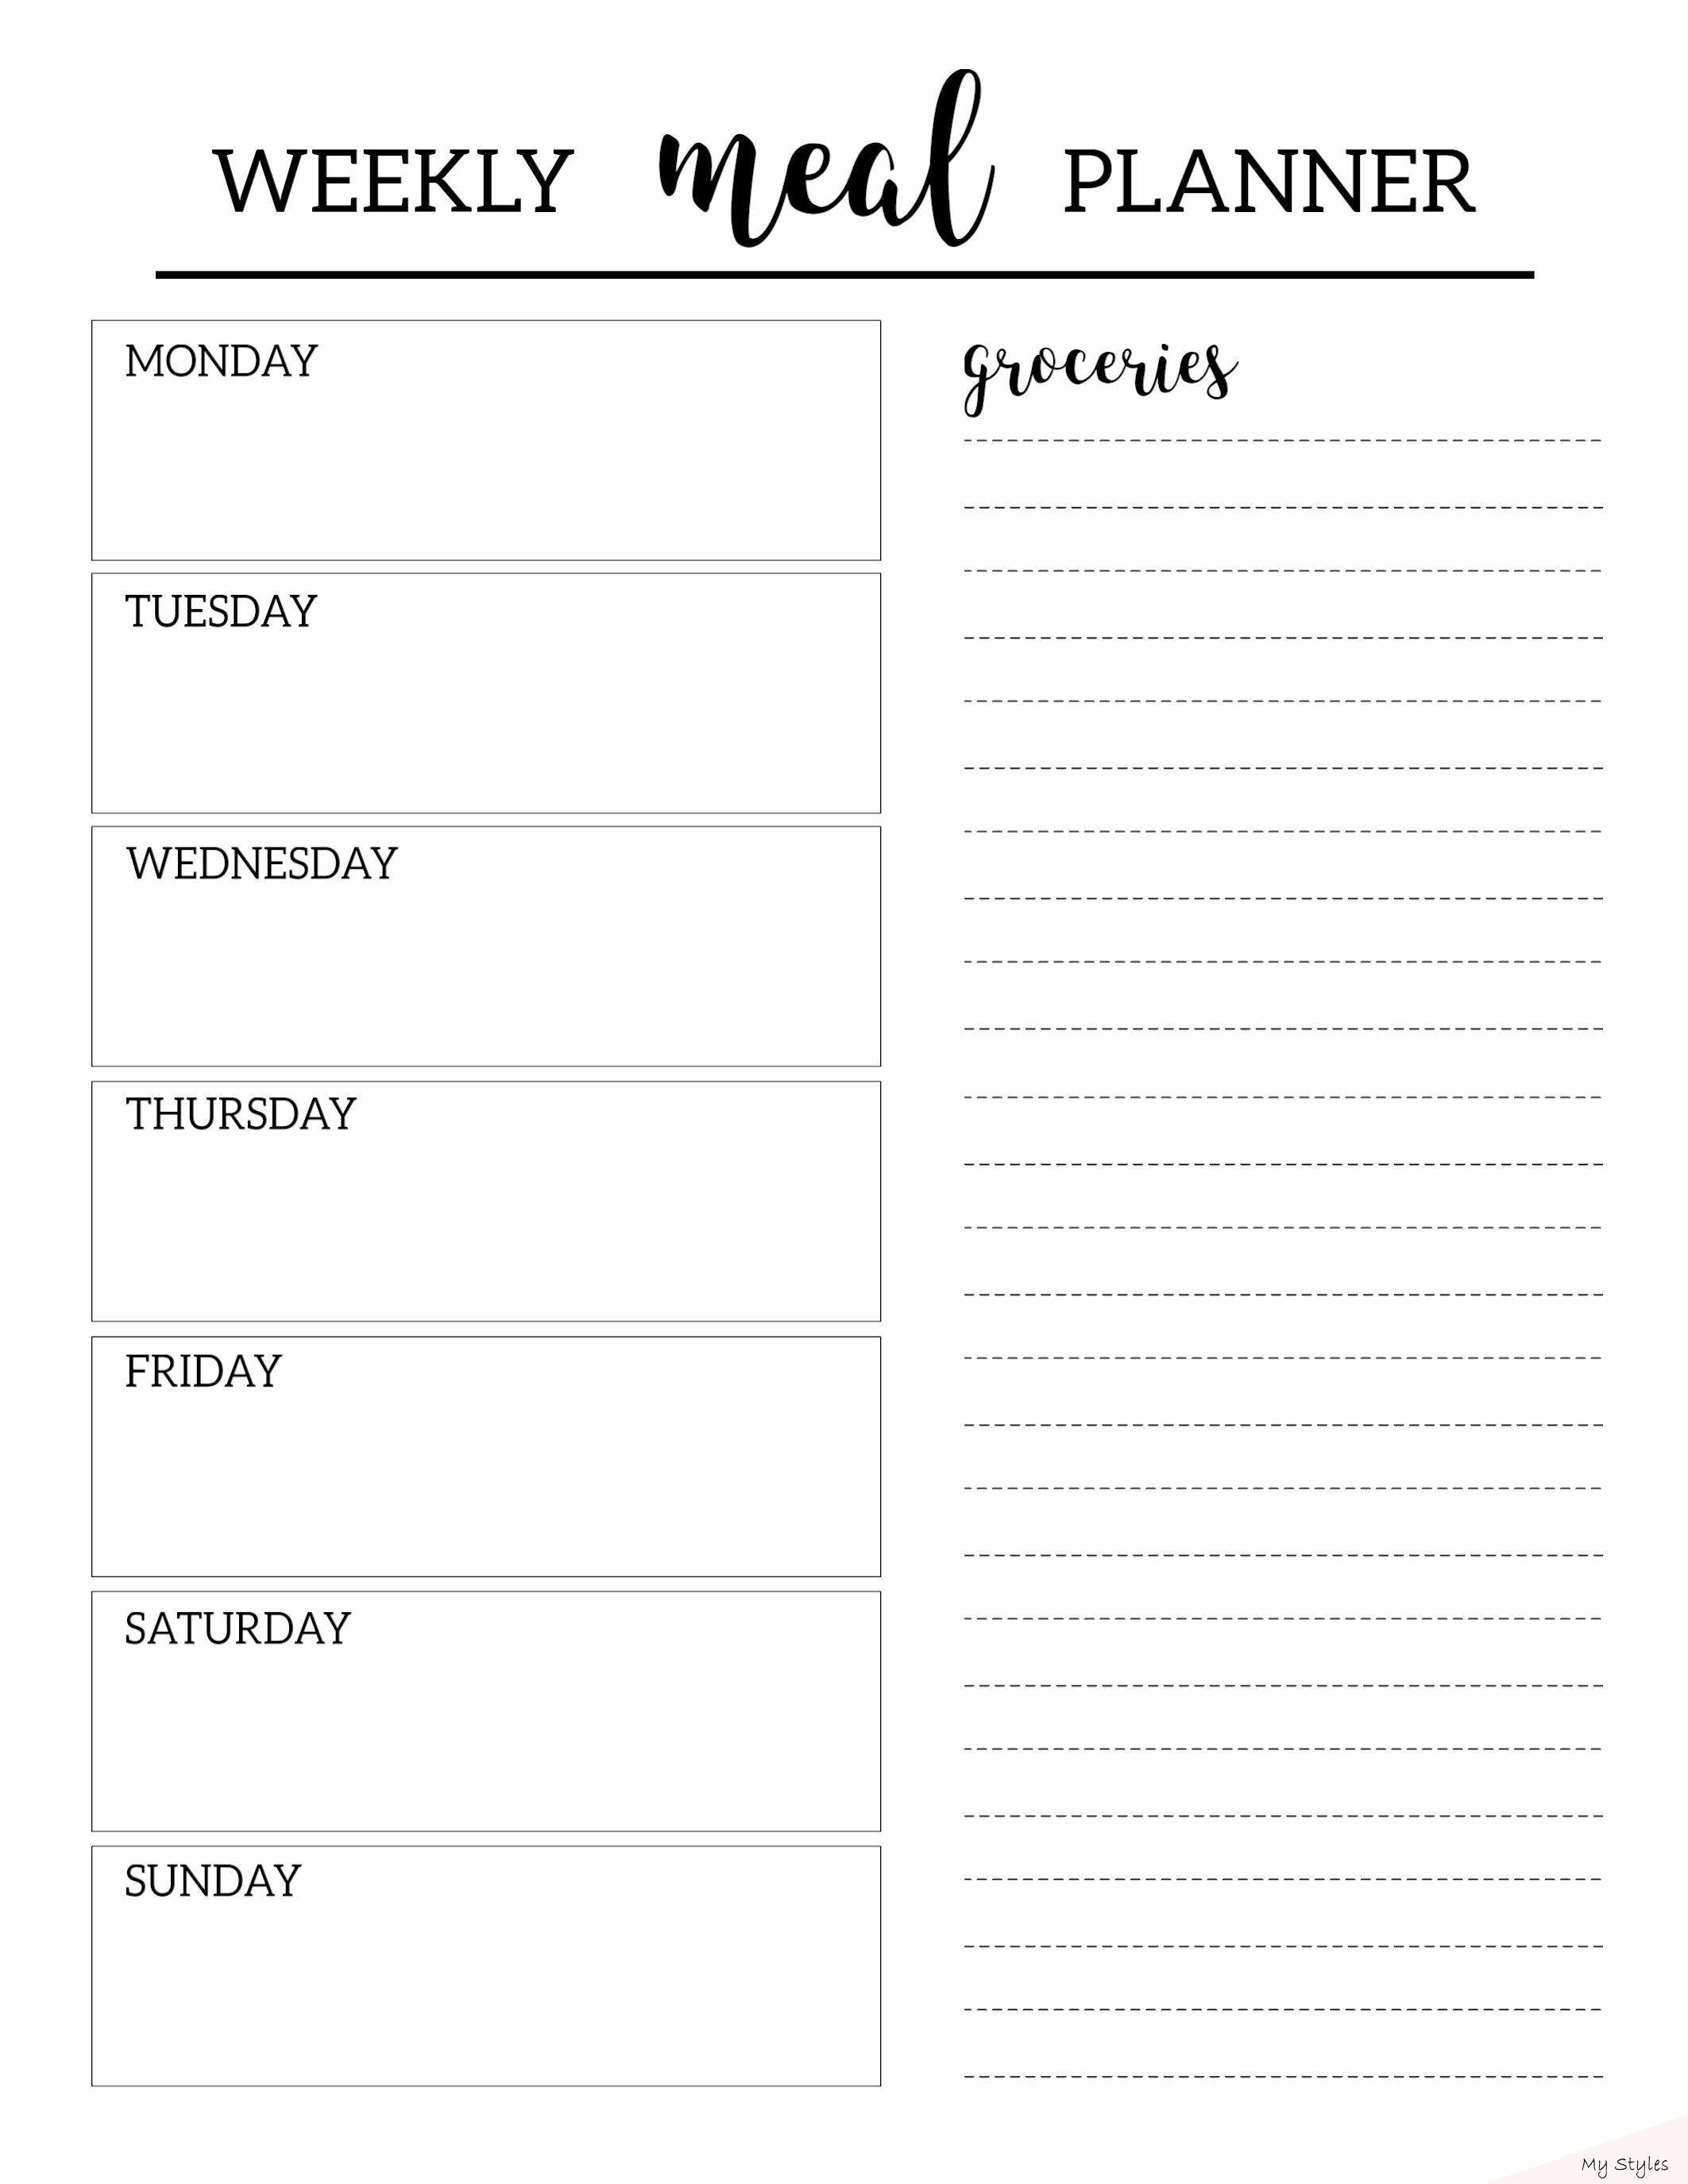 Feb 14 2020 Meal Plan Weekly Template 30